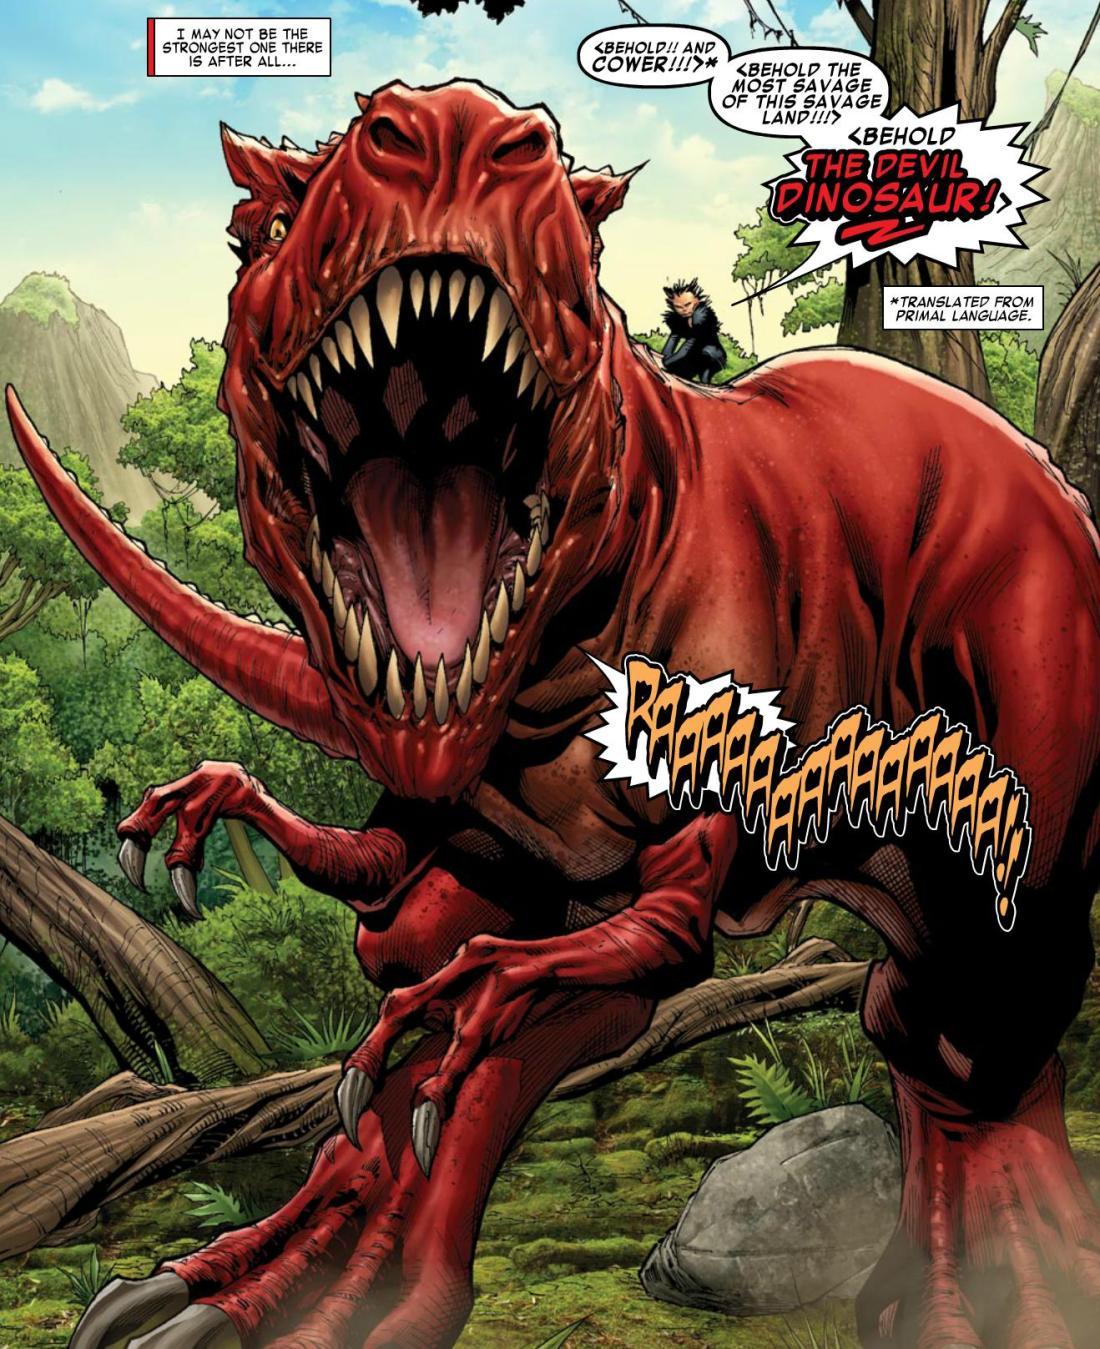 wpid-2271513-devil_dinosaur_skaar_king_of_the_savage_land_1.jpeg